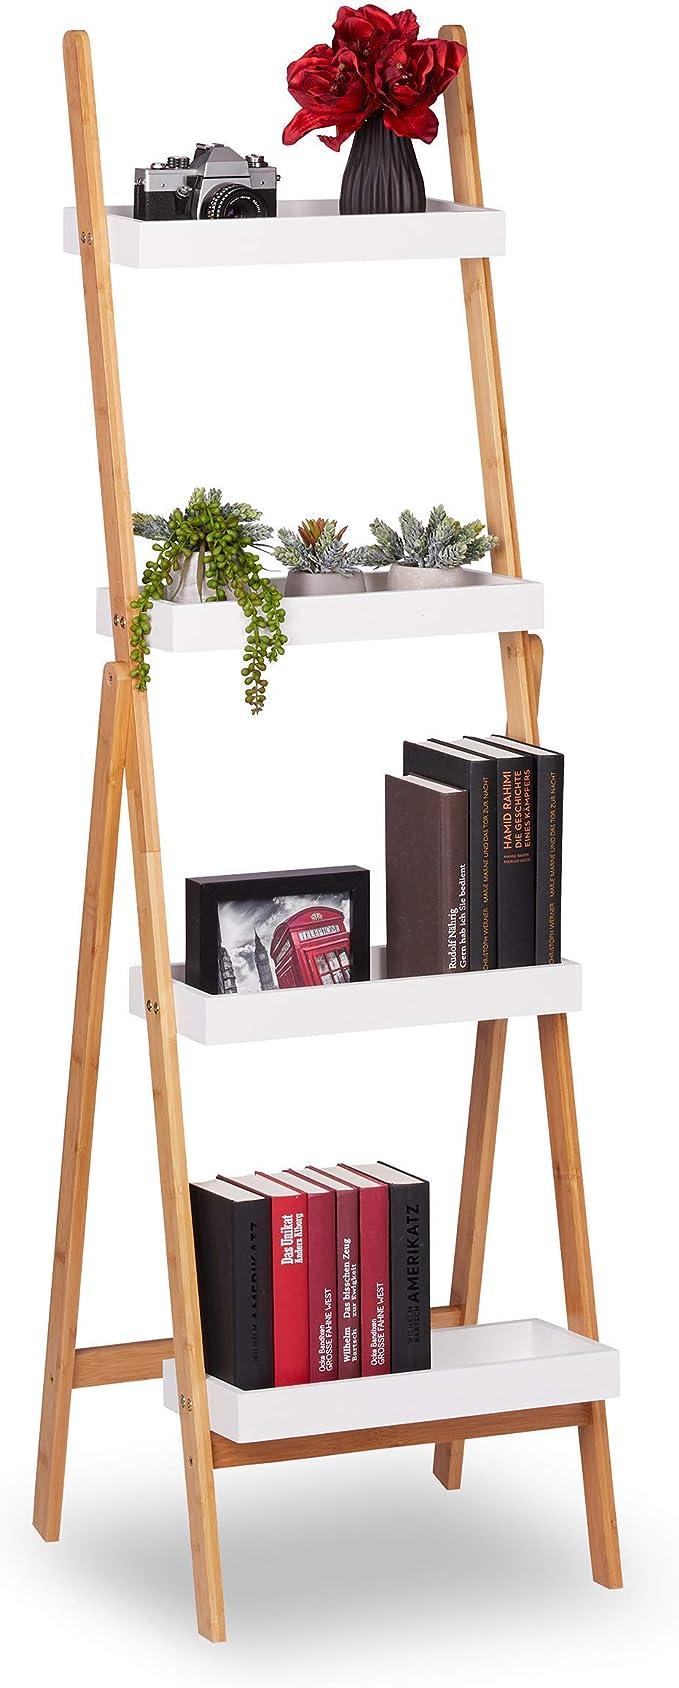 Relaxdays Estantería Escalera Plegable, Decorativa, Soporte Plantas, Baldas Baño, Bambú, 145x45x42 cm, Blanco y Marrón